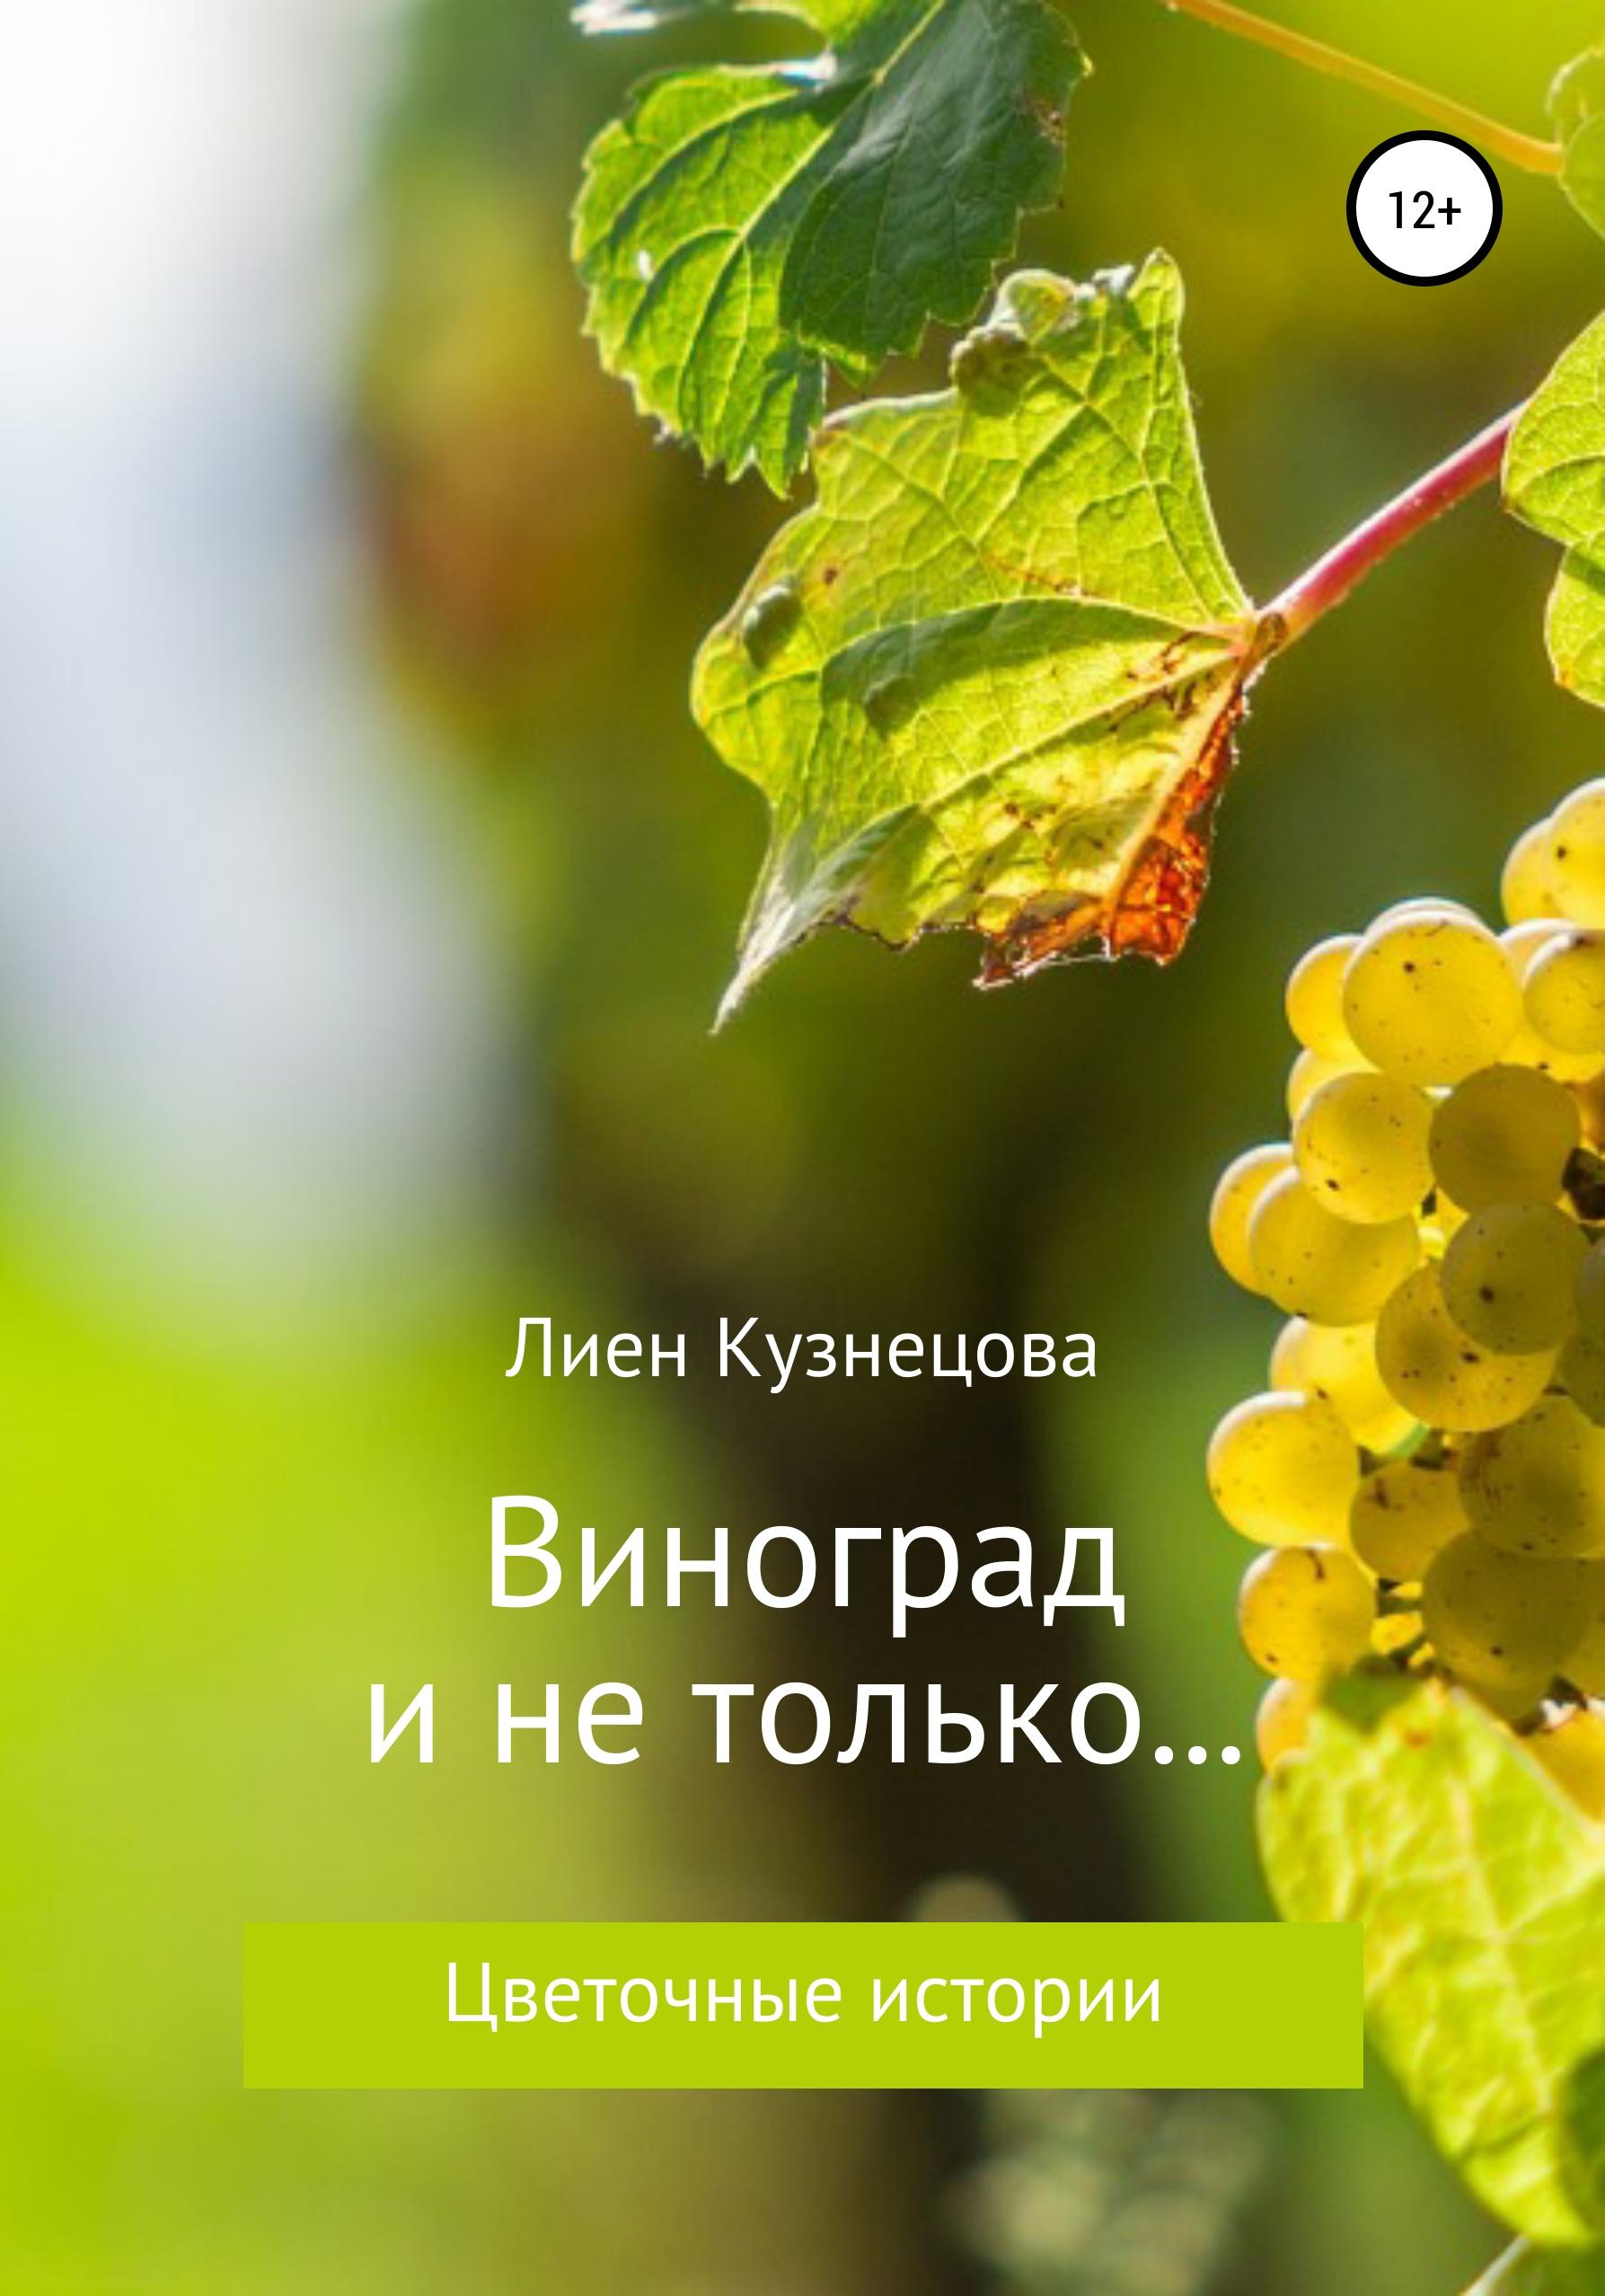 Лиен Кузнецова Цветочные истории. Виноград